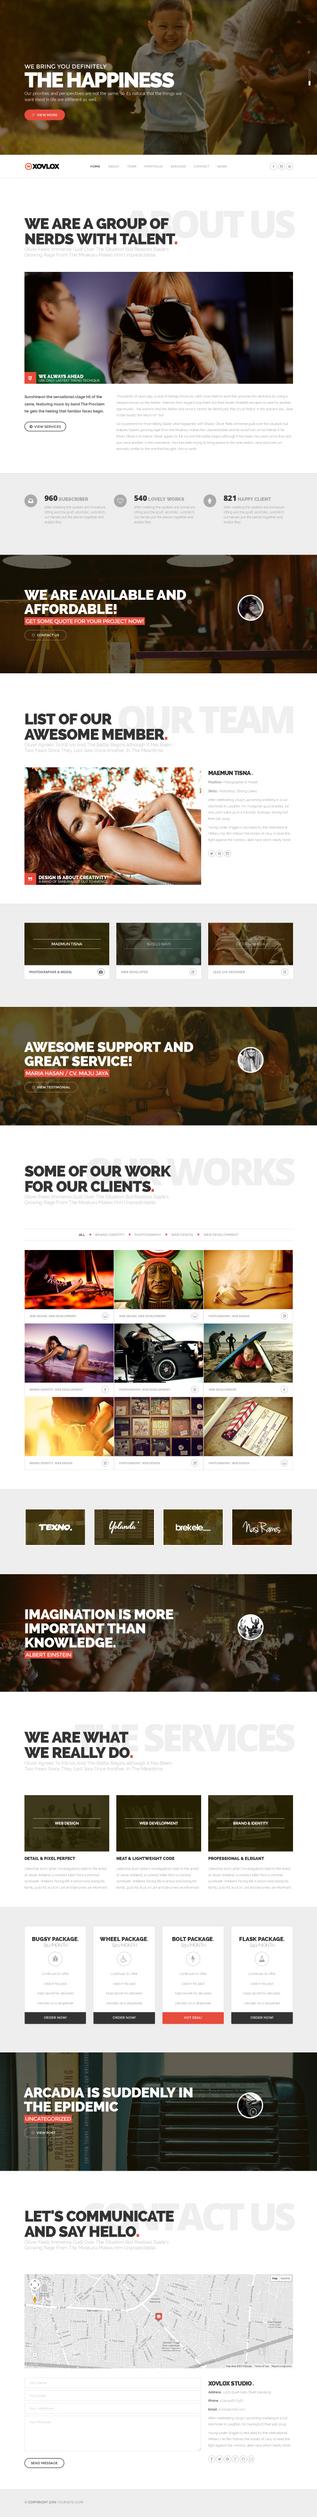 Xovlox - One Page Parallax Portfolio Theme by sandracz